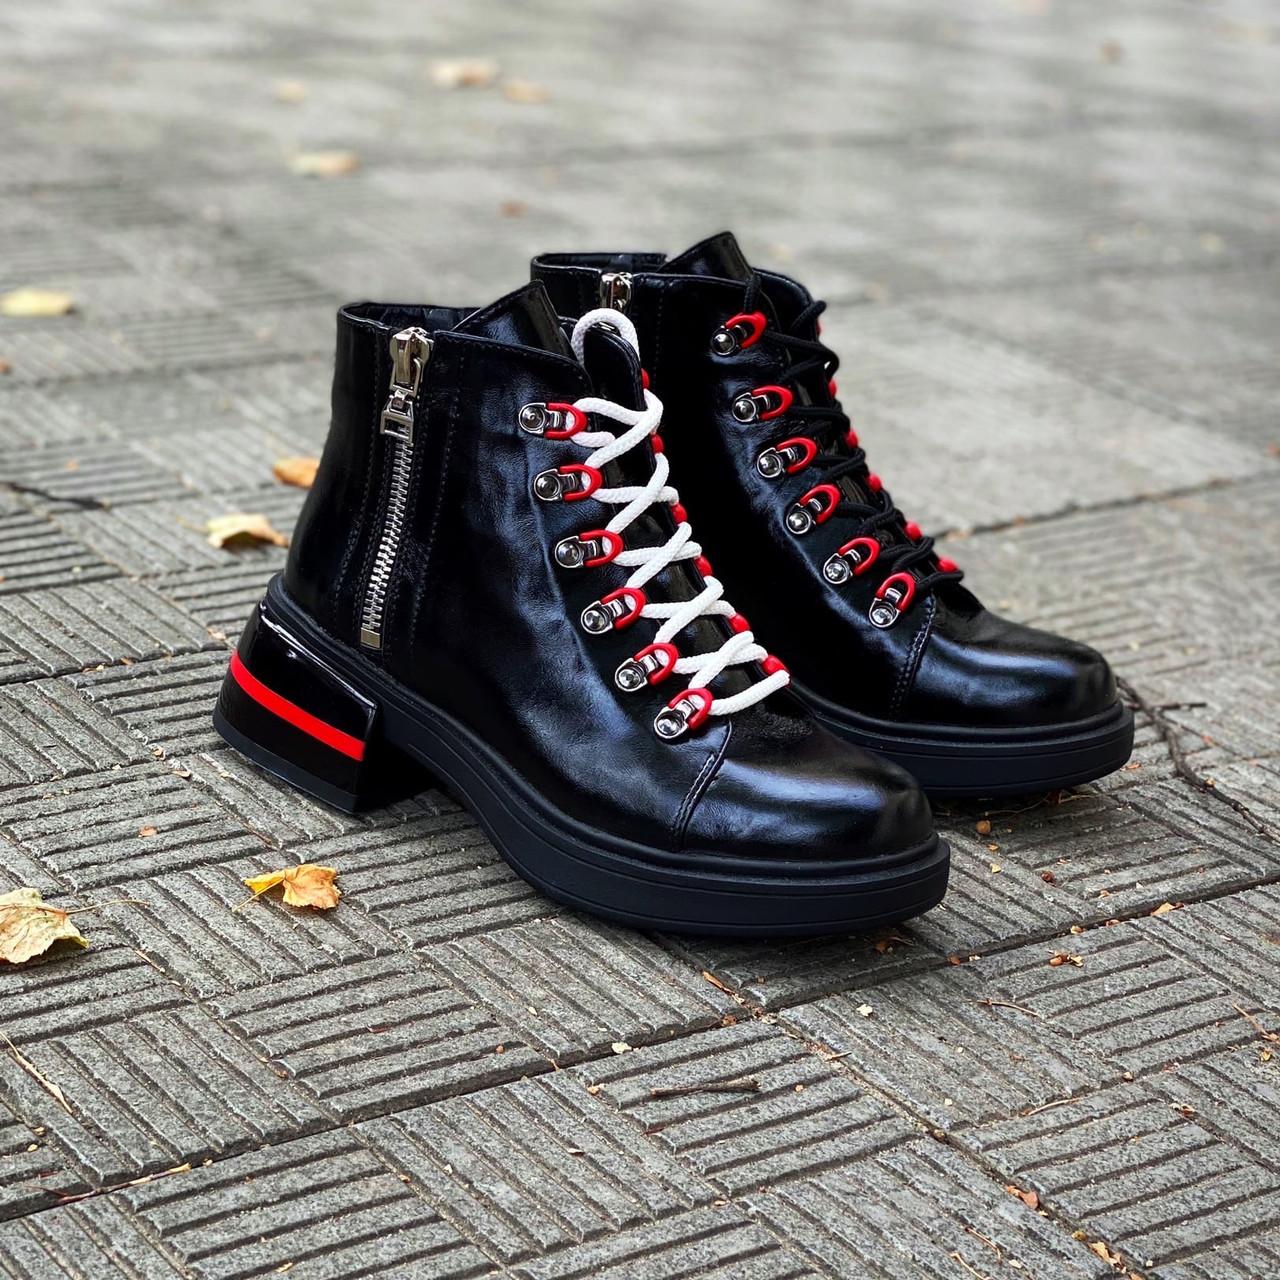 Демісезонні шкіряні лакові черевики на шнурівці 36 р чорний